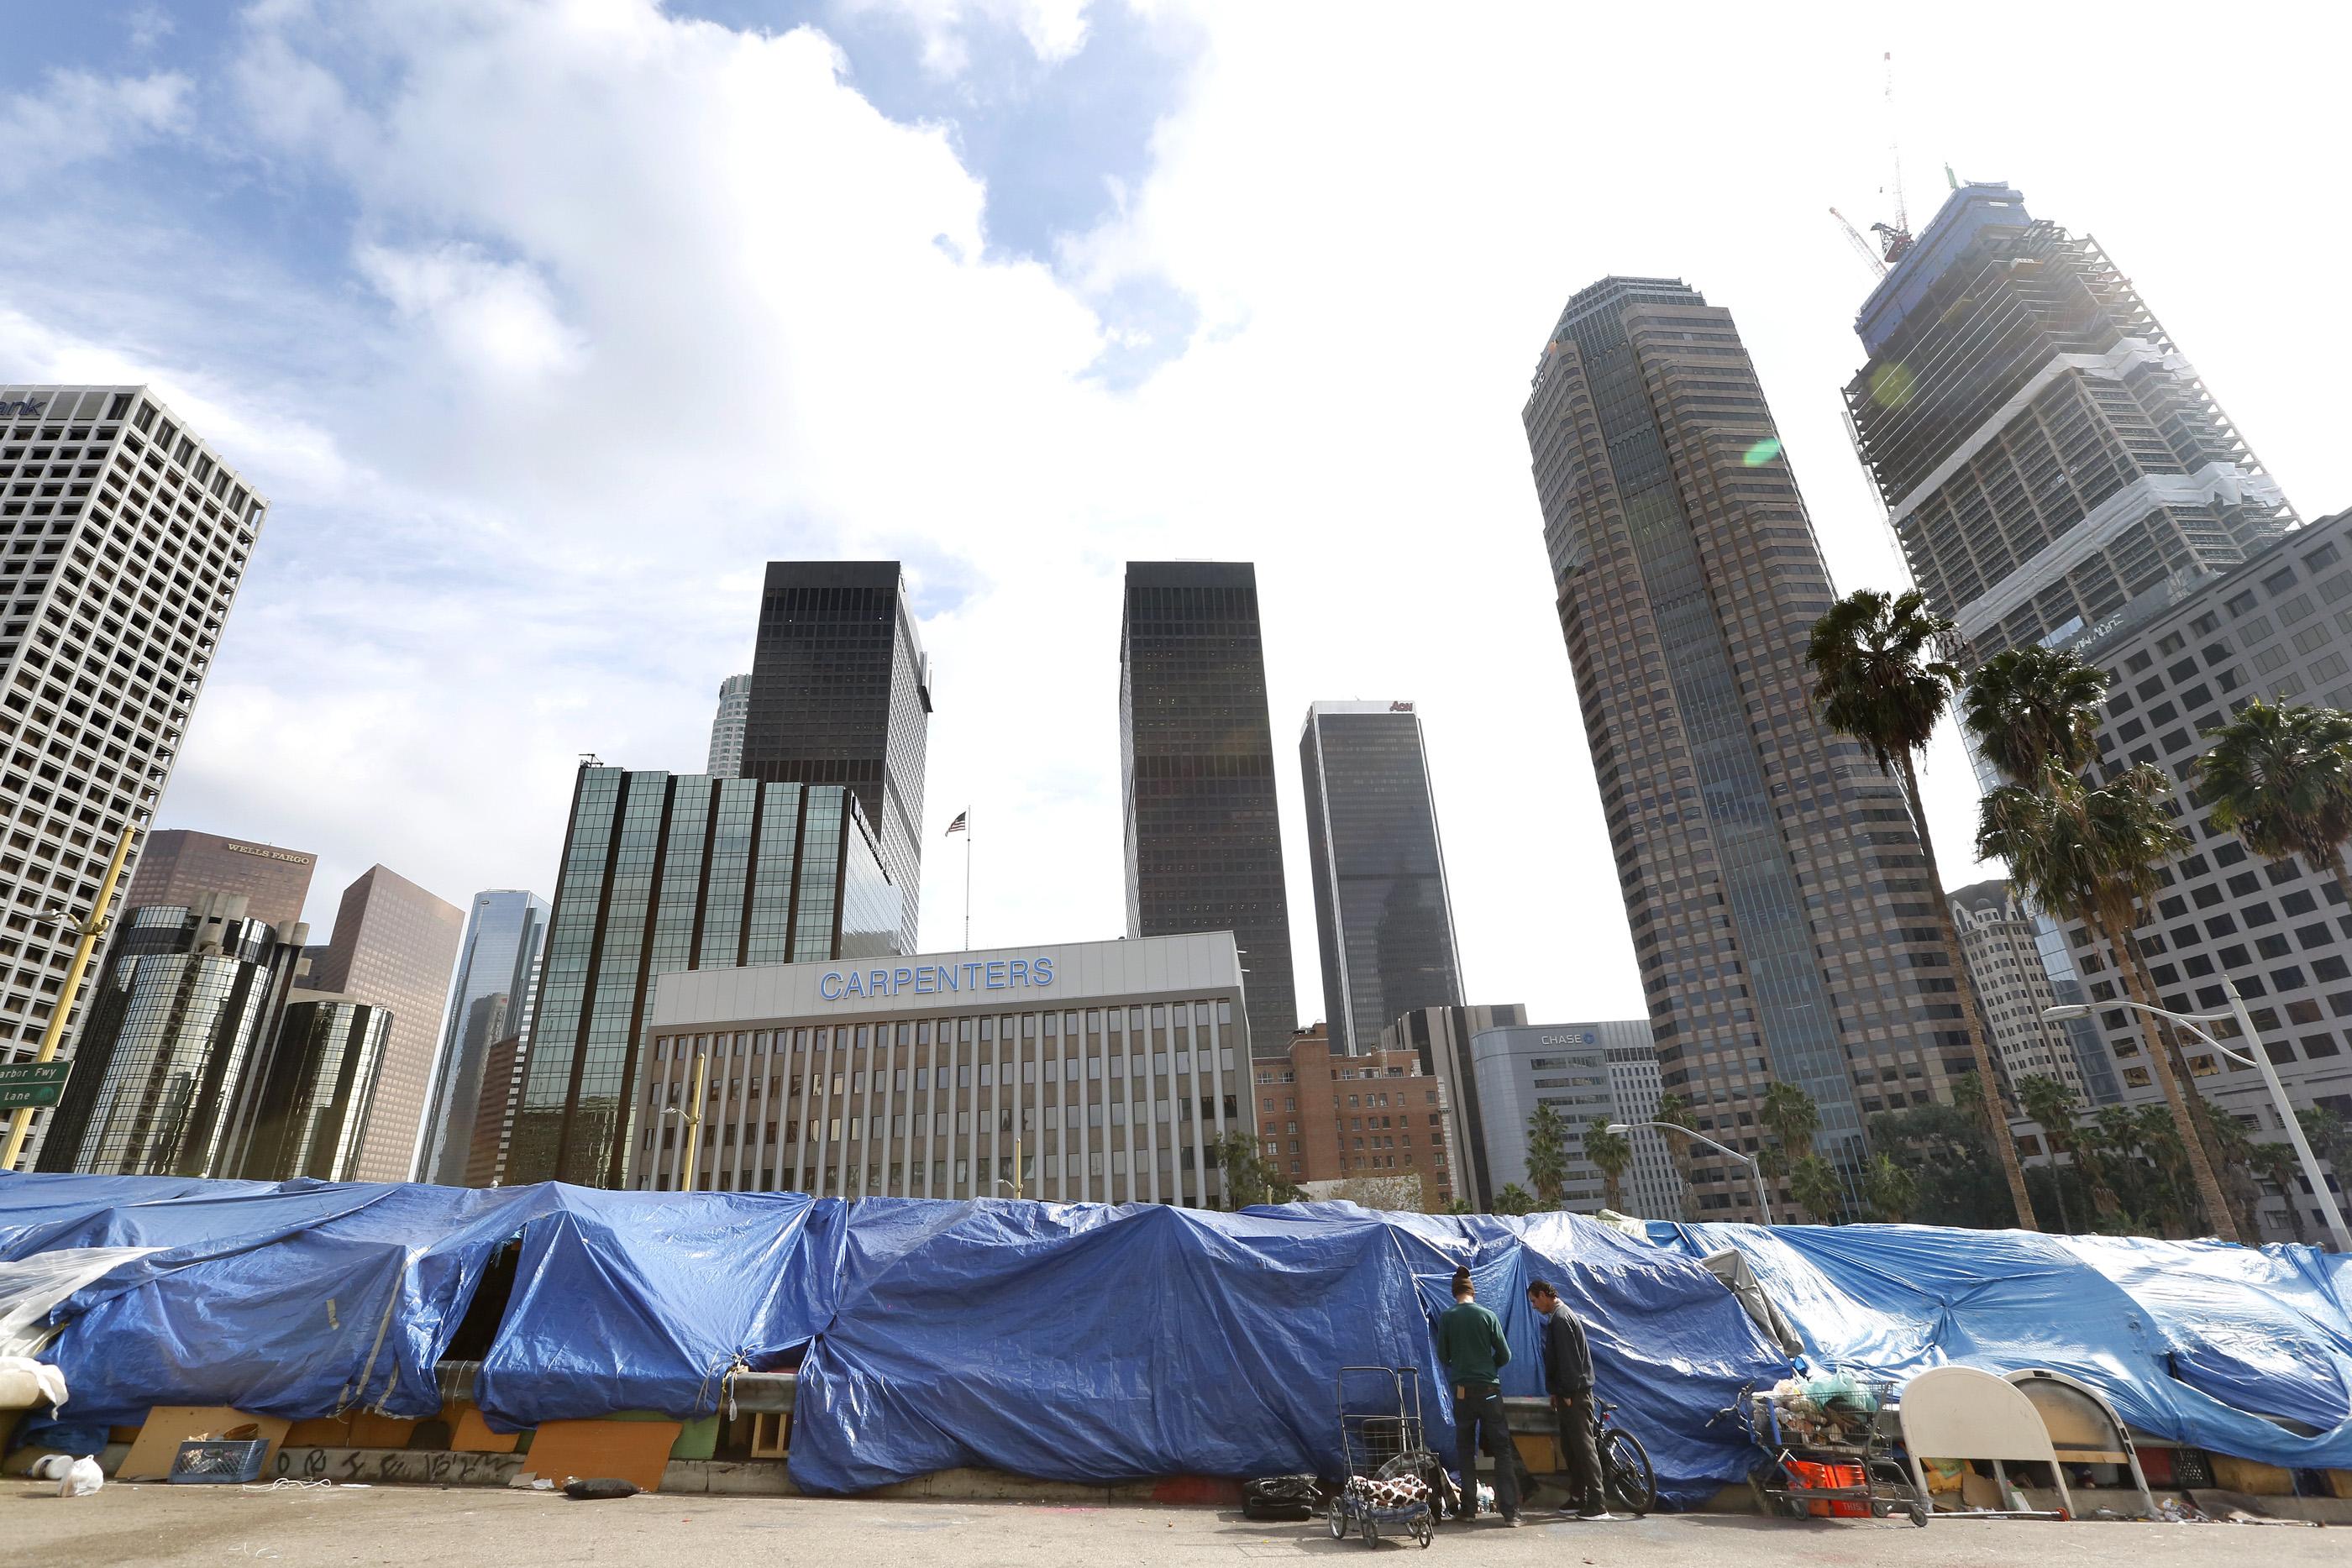 Aunque las cifras no son alentadoras, en el último año Los Ángeles ha reducido en 1/3 el número de veteranos sin hogar y aprobado una medida que construirá 10,000 viviendas para los desamparados (Foto: Aurelia Ventura/La Opinión)